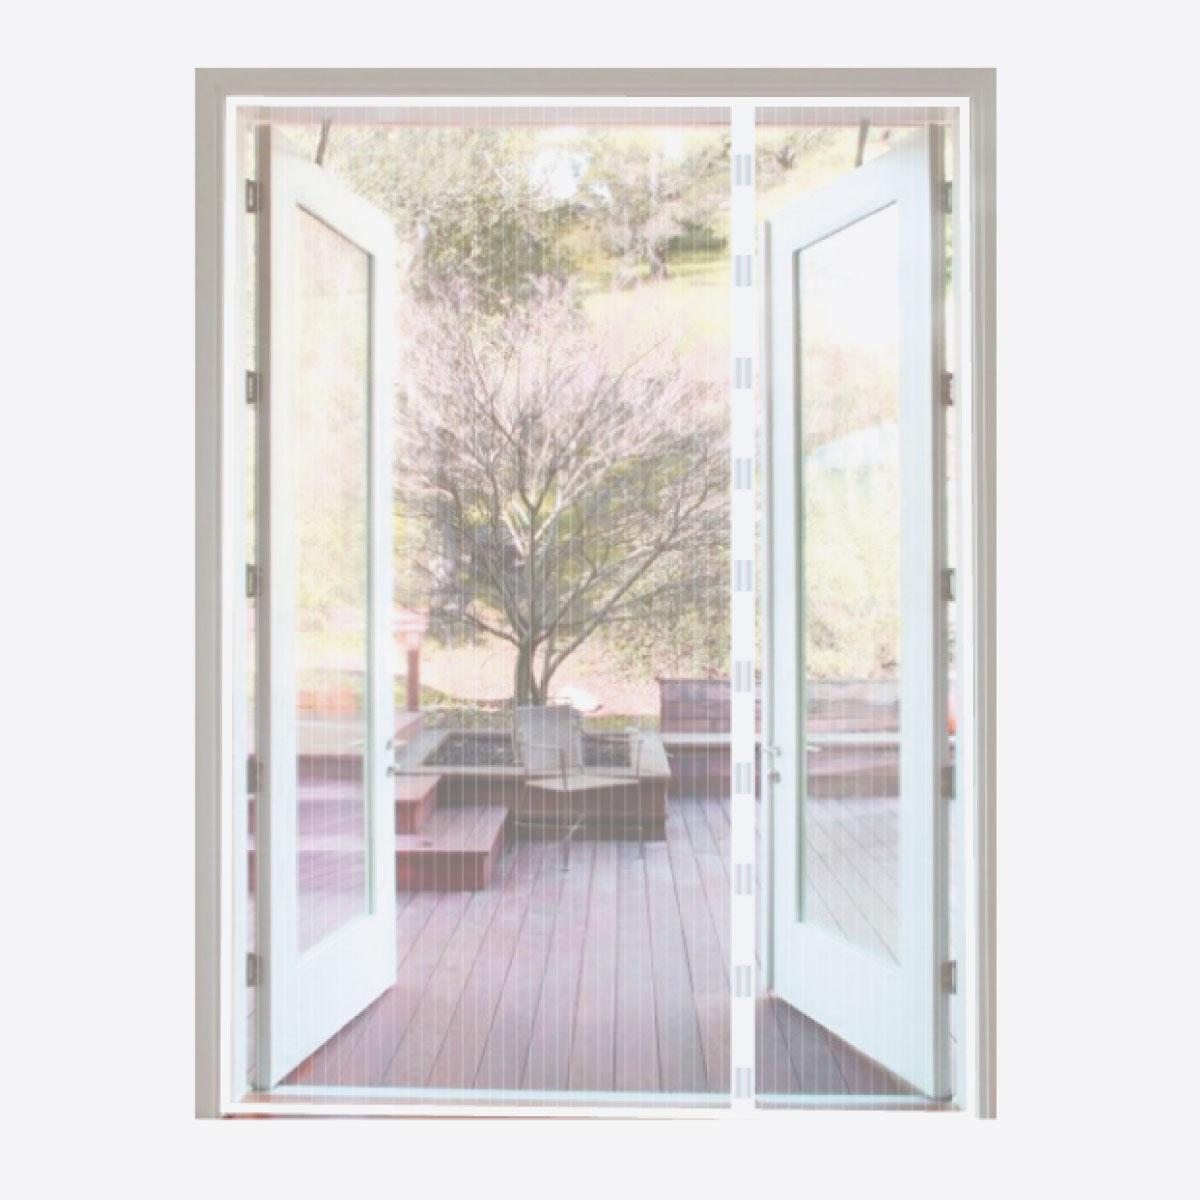 Magneet Vliegengordijn dubbele deur Wit